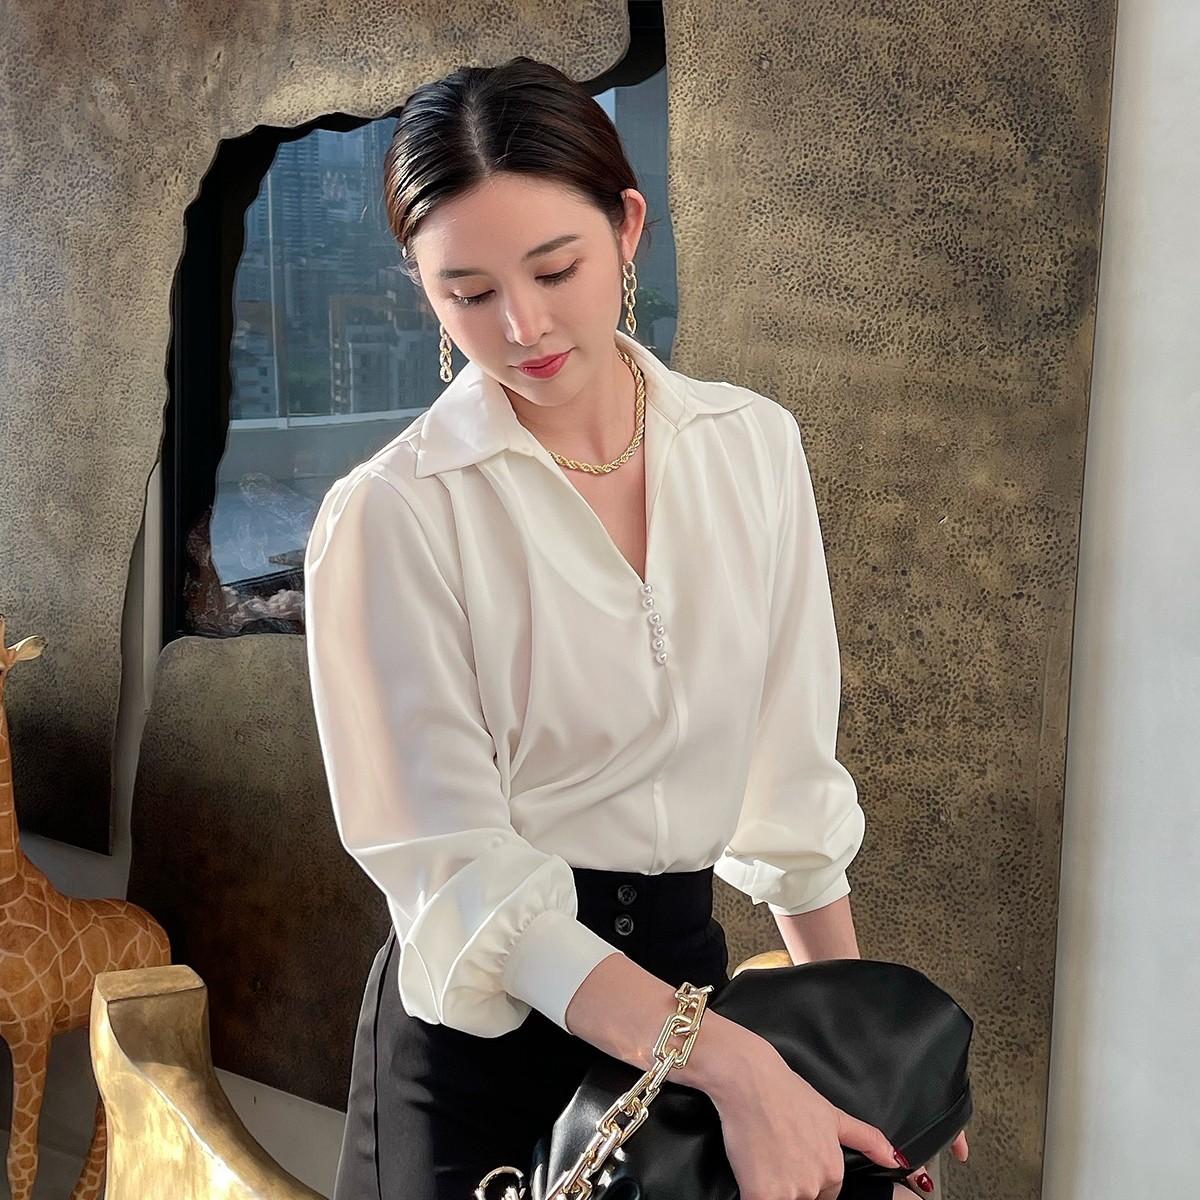 纵容夏季V领白色长袖衬衫女法式复古简约百搭翻领衬衣外穿新款